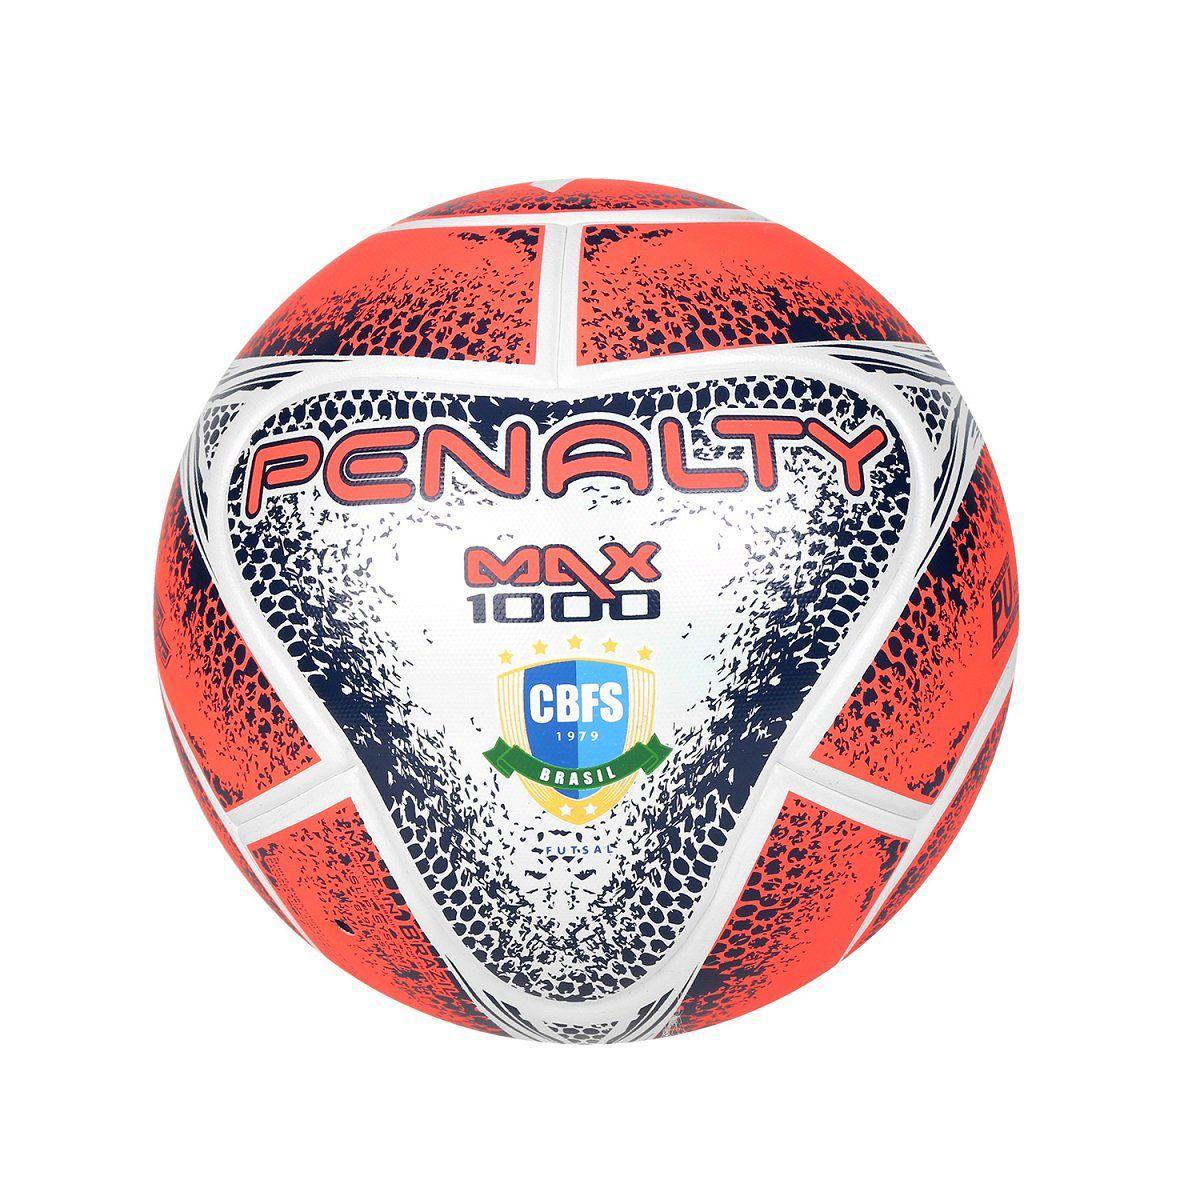 96e447e0136a2 Bola Futsal Penalty Max 1000 Termo Tec VIII - Titanes Esportes